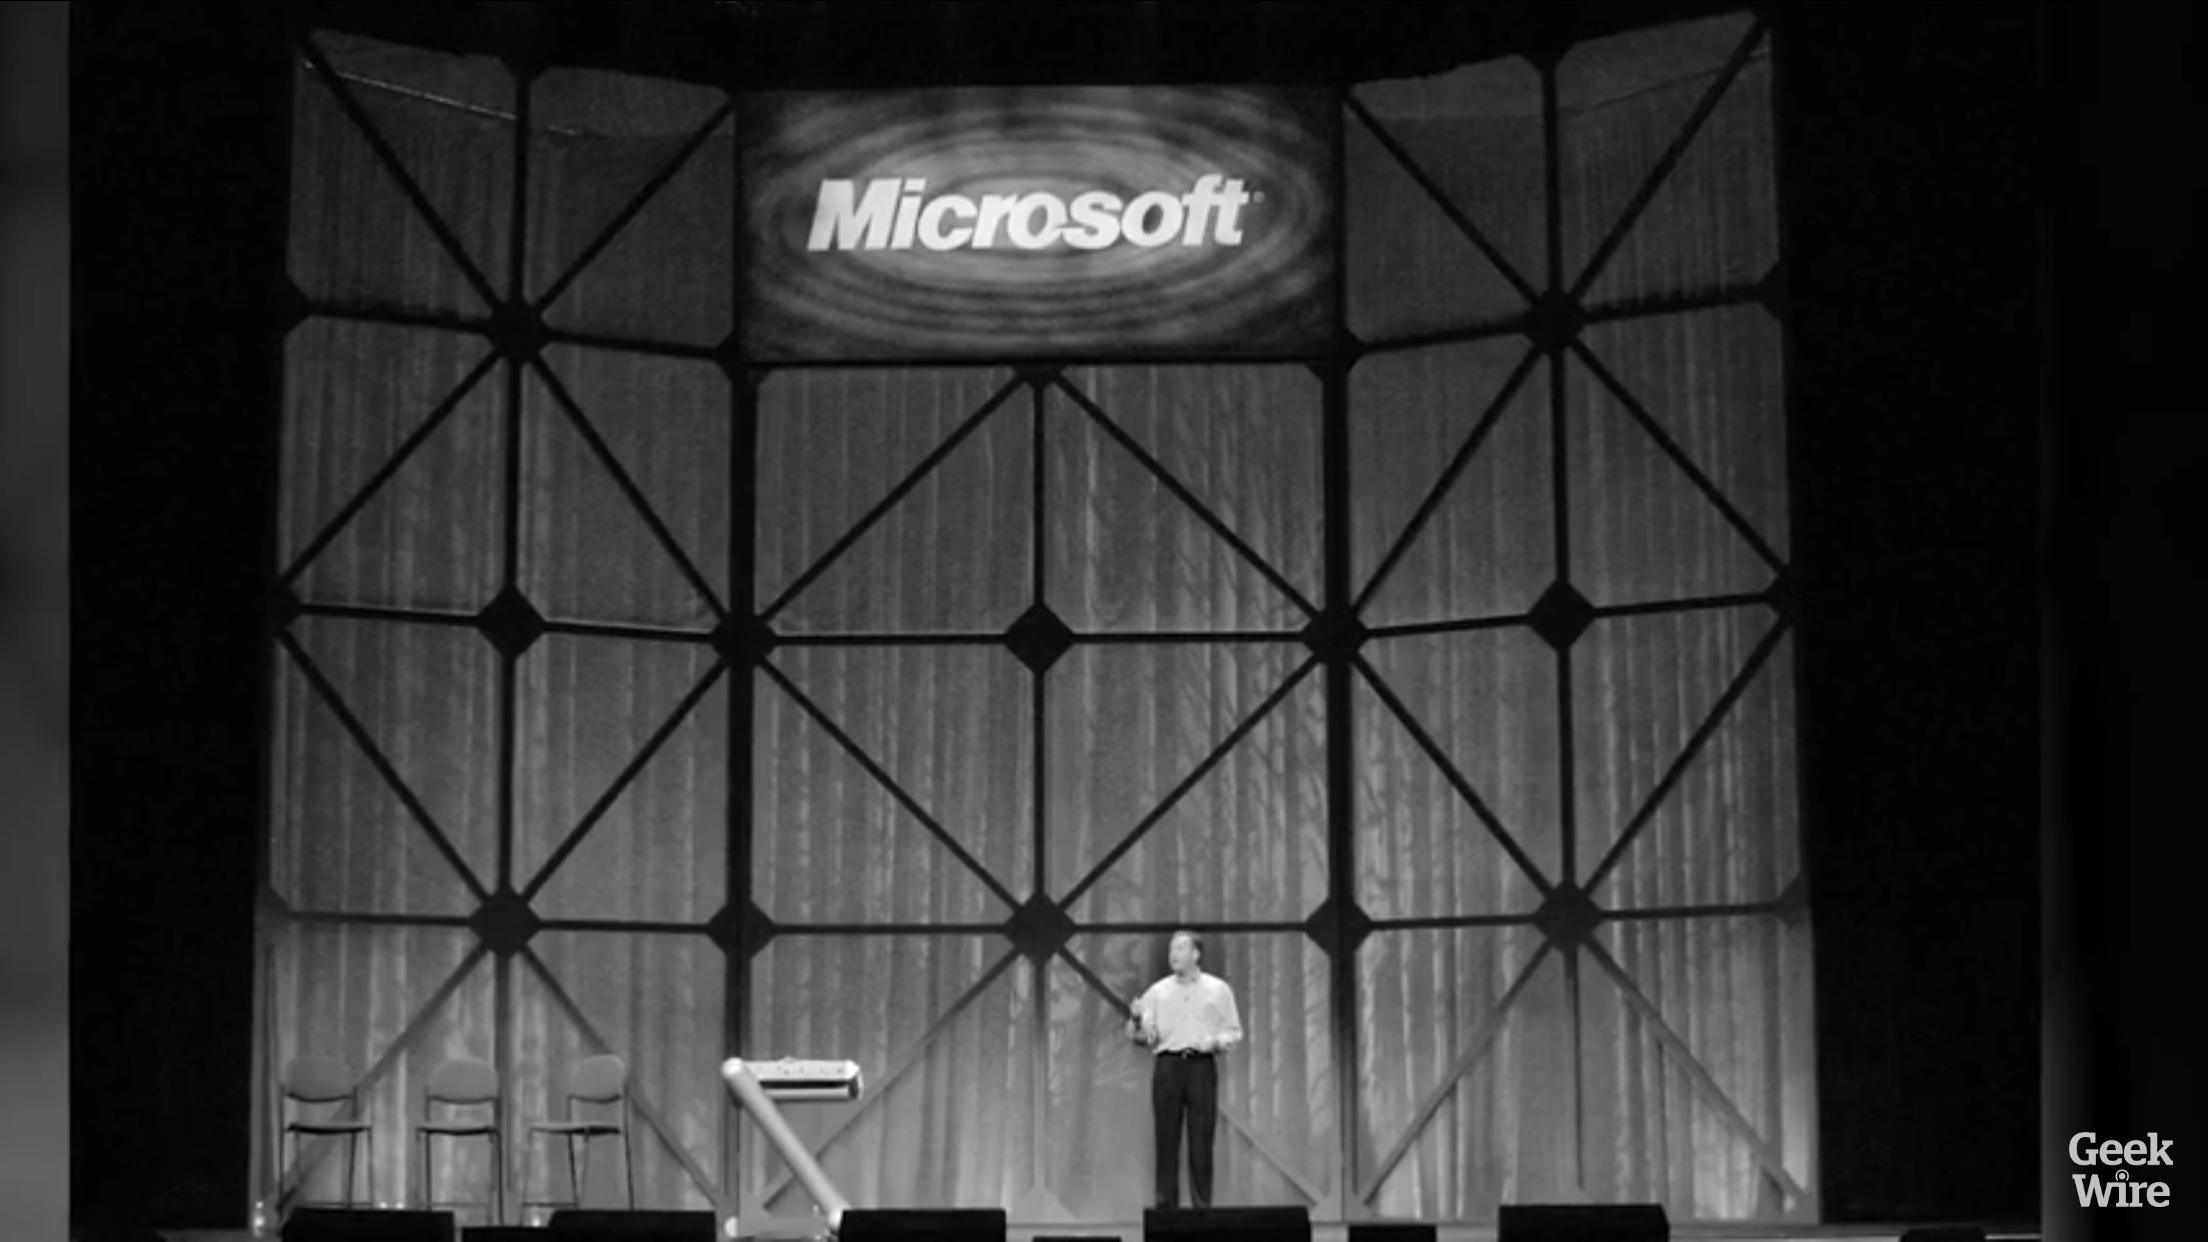 Kevin Johnson at Microsoft